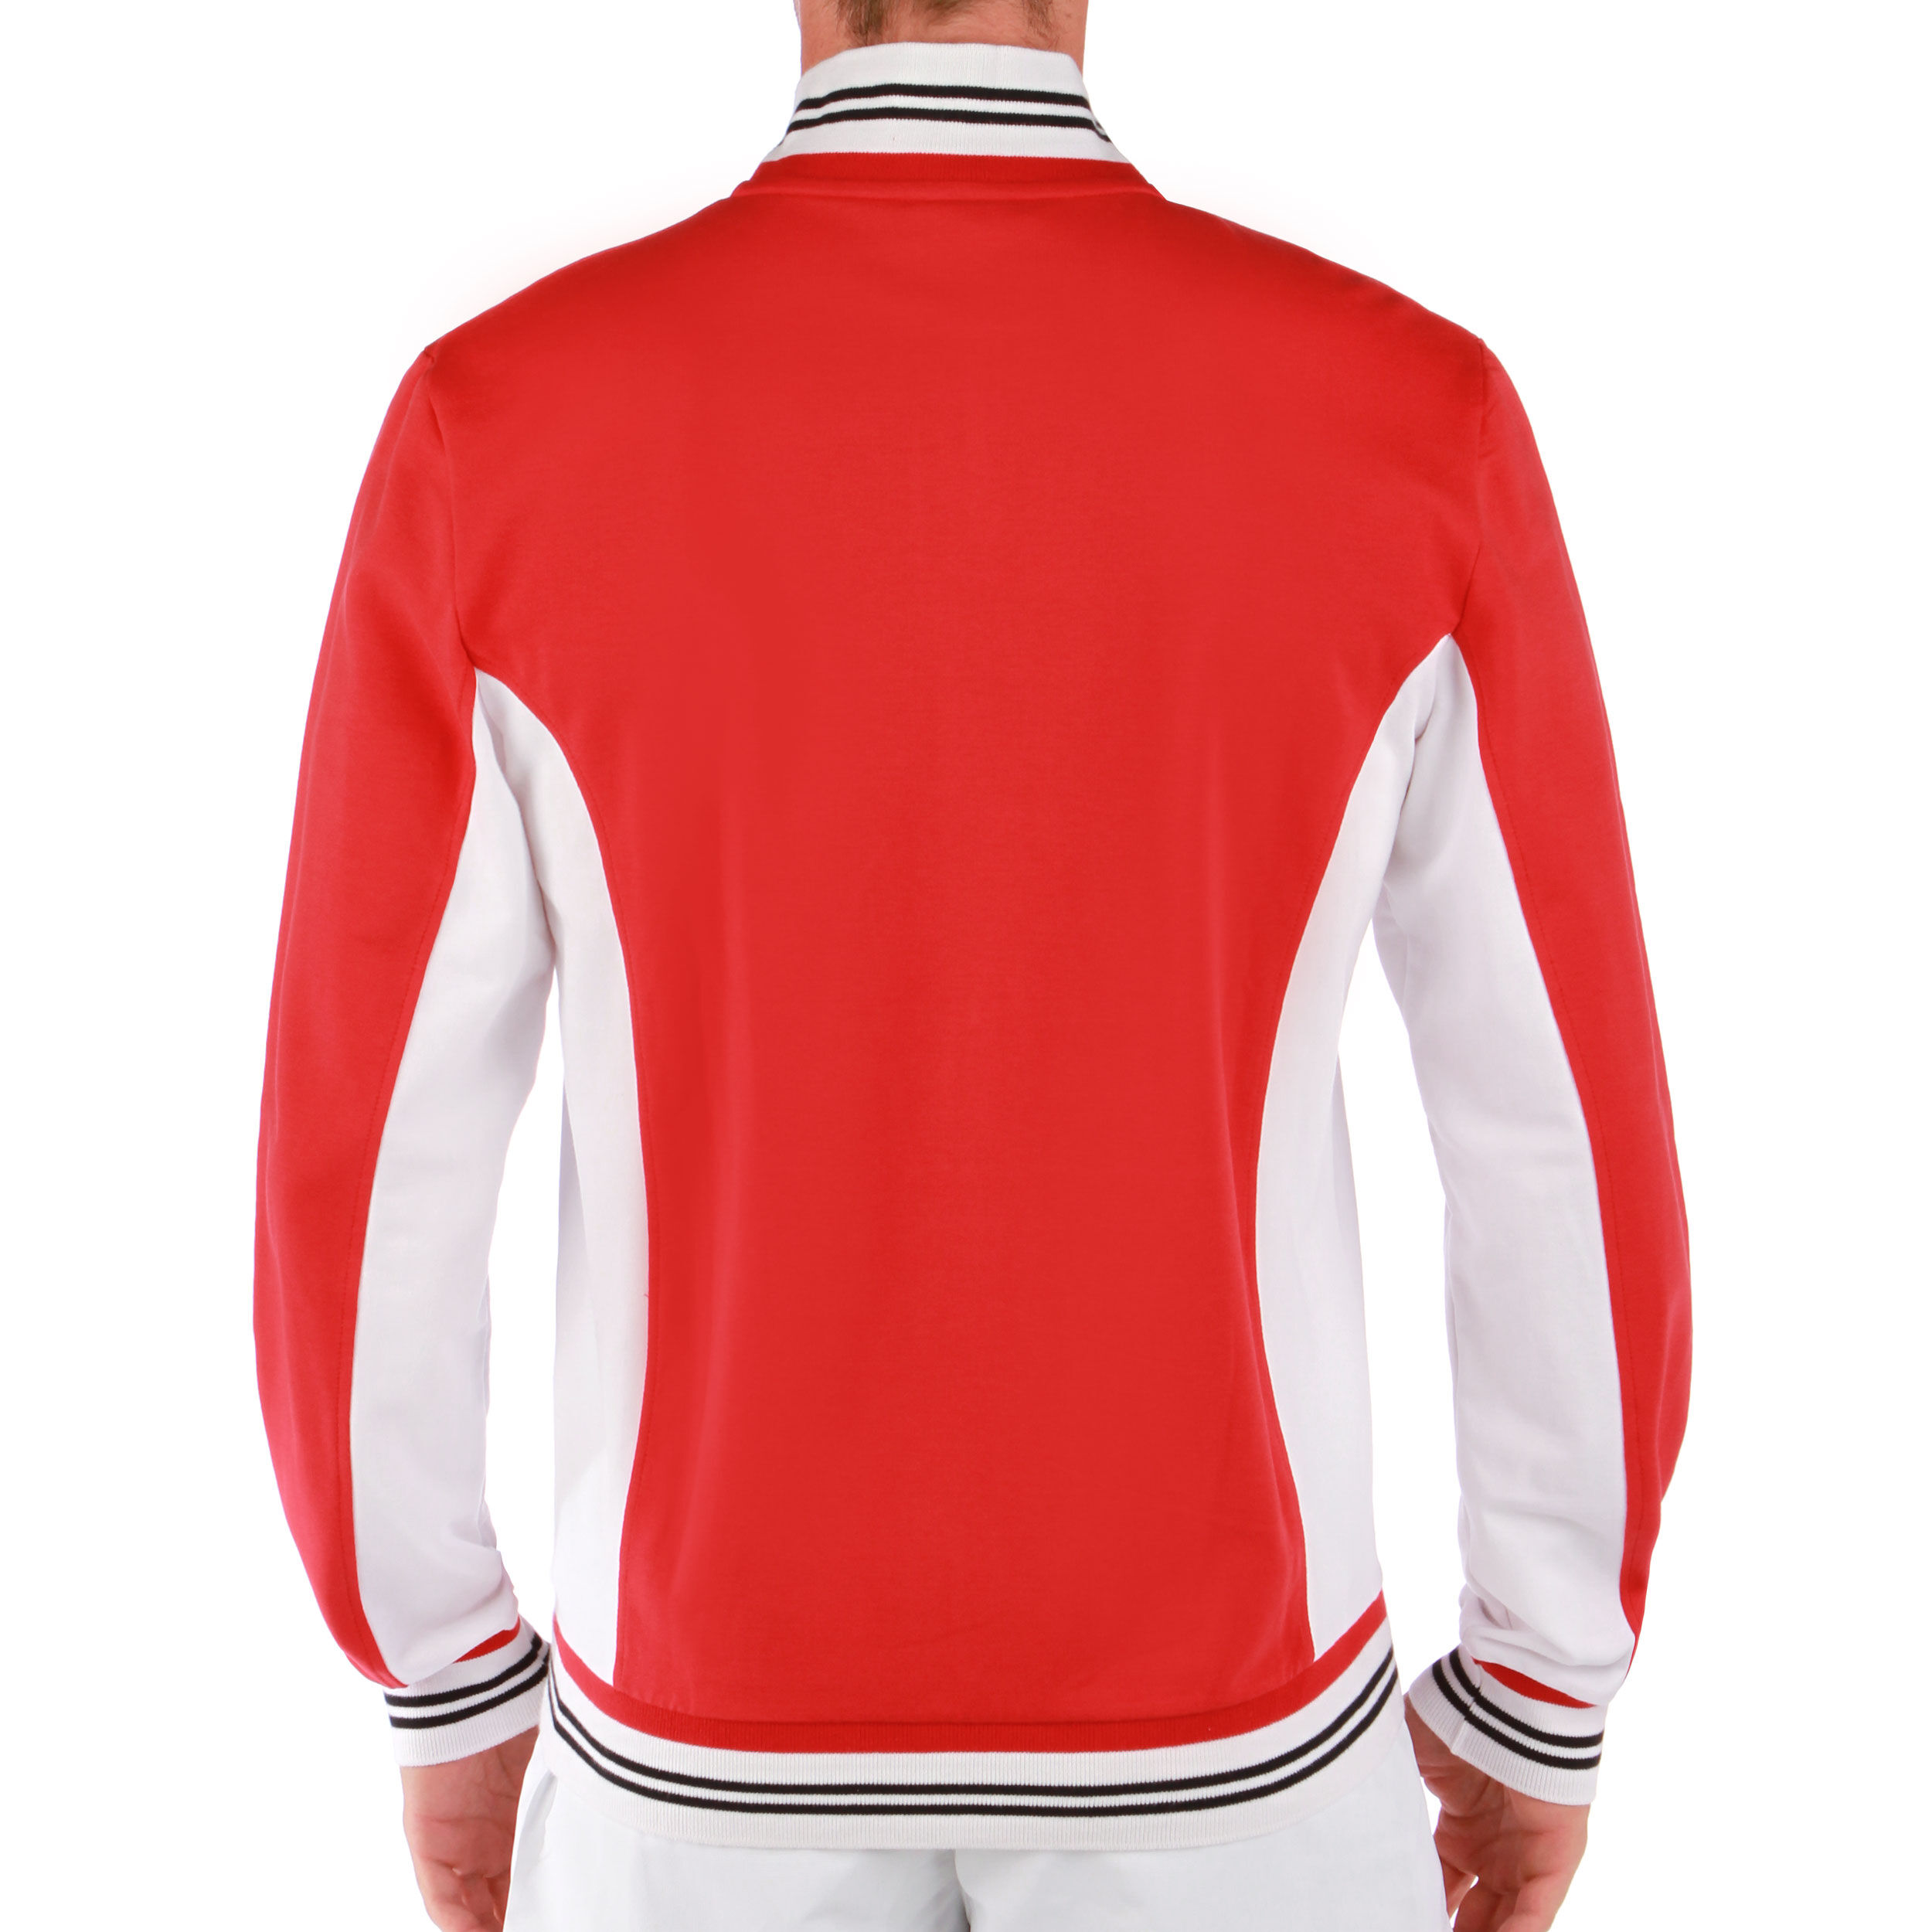 Fila Jacket Ole Trainingsjacke Herren Rot, Weiß online